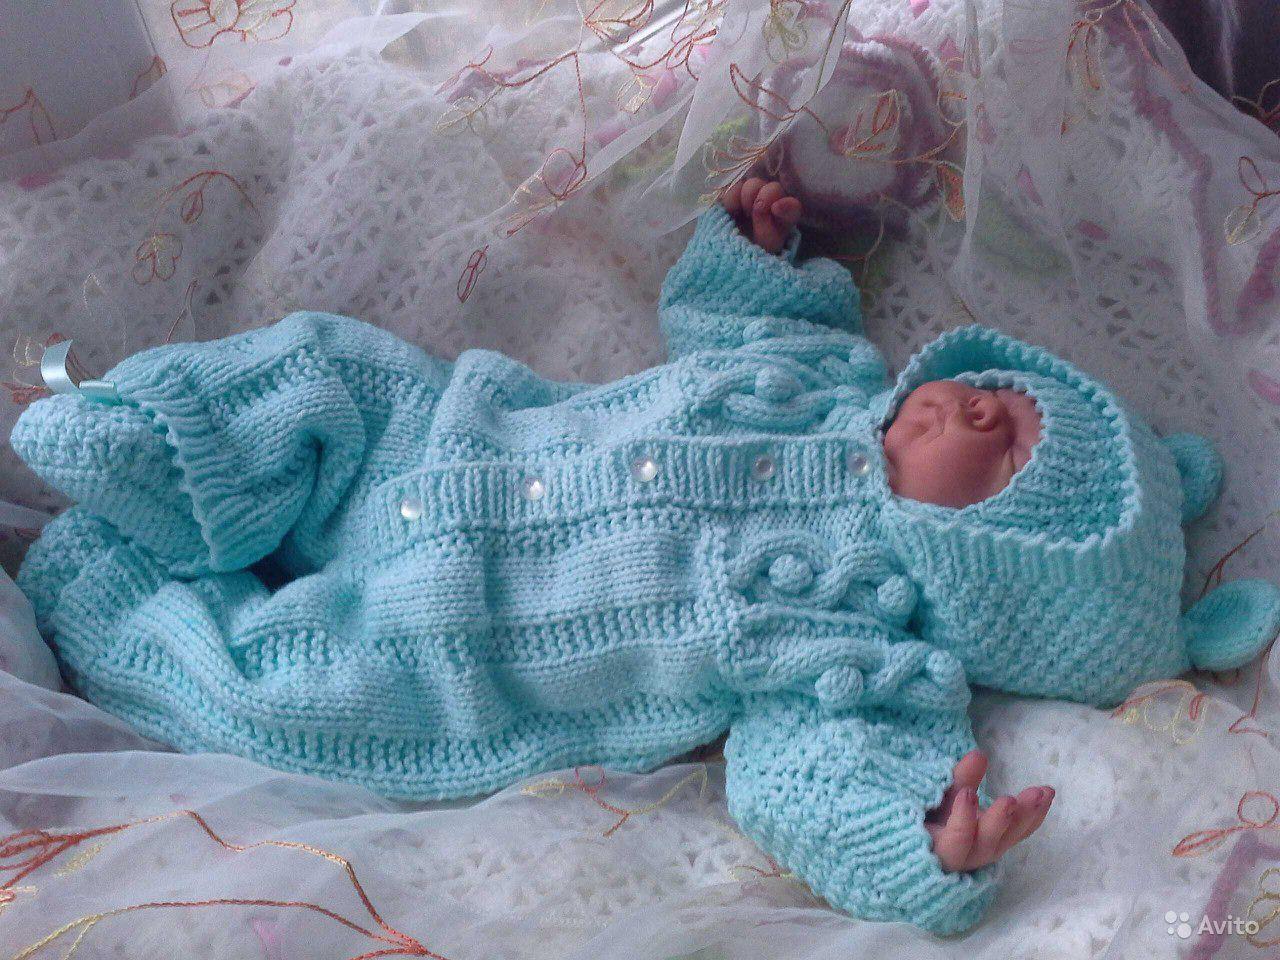 Все о вязании на сайте raskrutk.ru бесплатные схемы и модели вязания спицами и крючком для женщин, мужчин и детей.